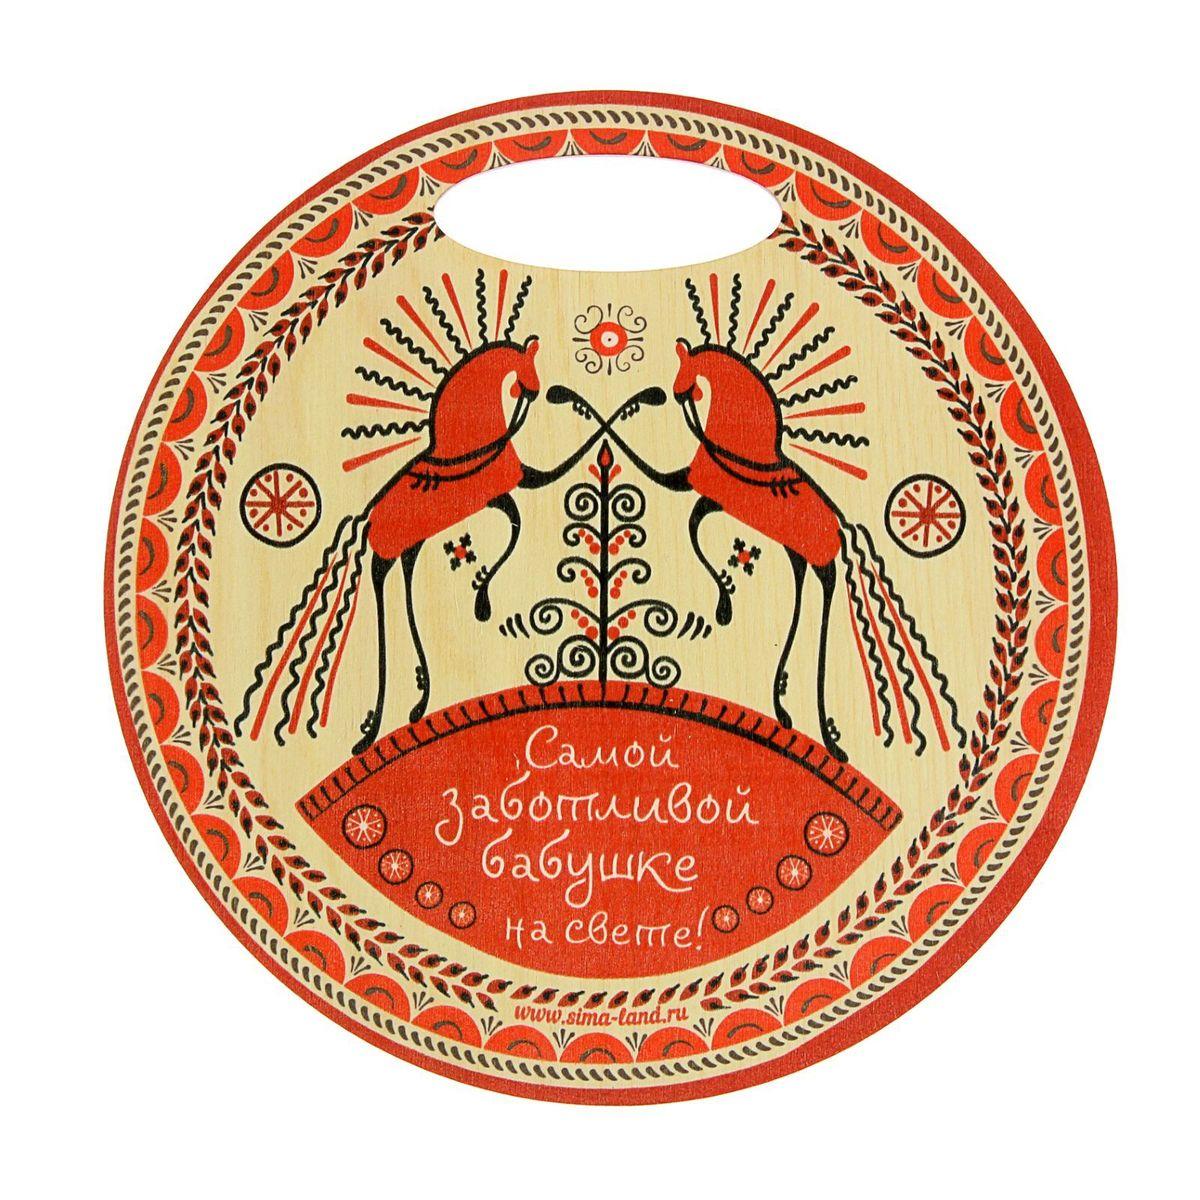 Доска разделочная Sima-land Бабушке, диаметр 24 см1268270Разделочная доска Sima-land Бабушке - это один из самых необходимых предметов на кухне, без нее трудно обойтись при приготовлении пищи. Но кроме своей необходимости, она может приносить и эстетическое удовольствие, украшая собой интерьер кухни. Доска из дерева - приятный и функциональный подарок для тех, кто любит готовить.